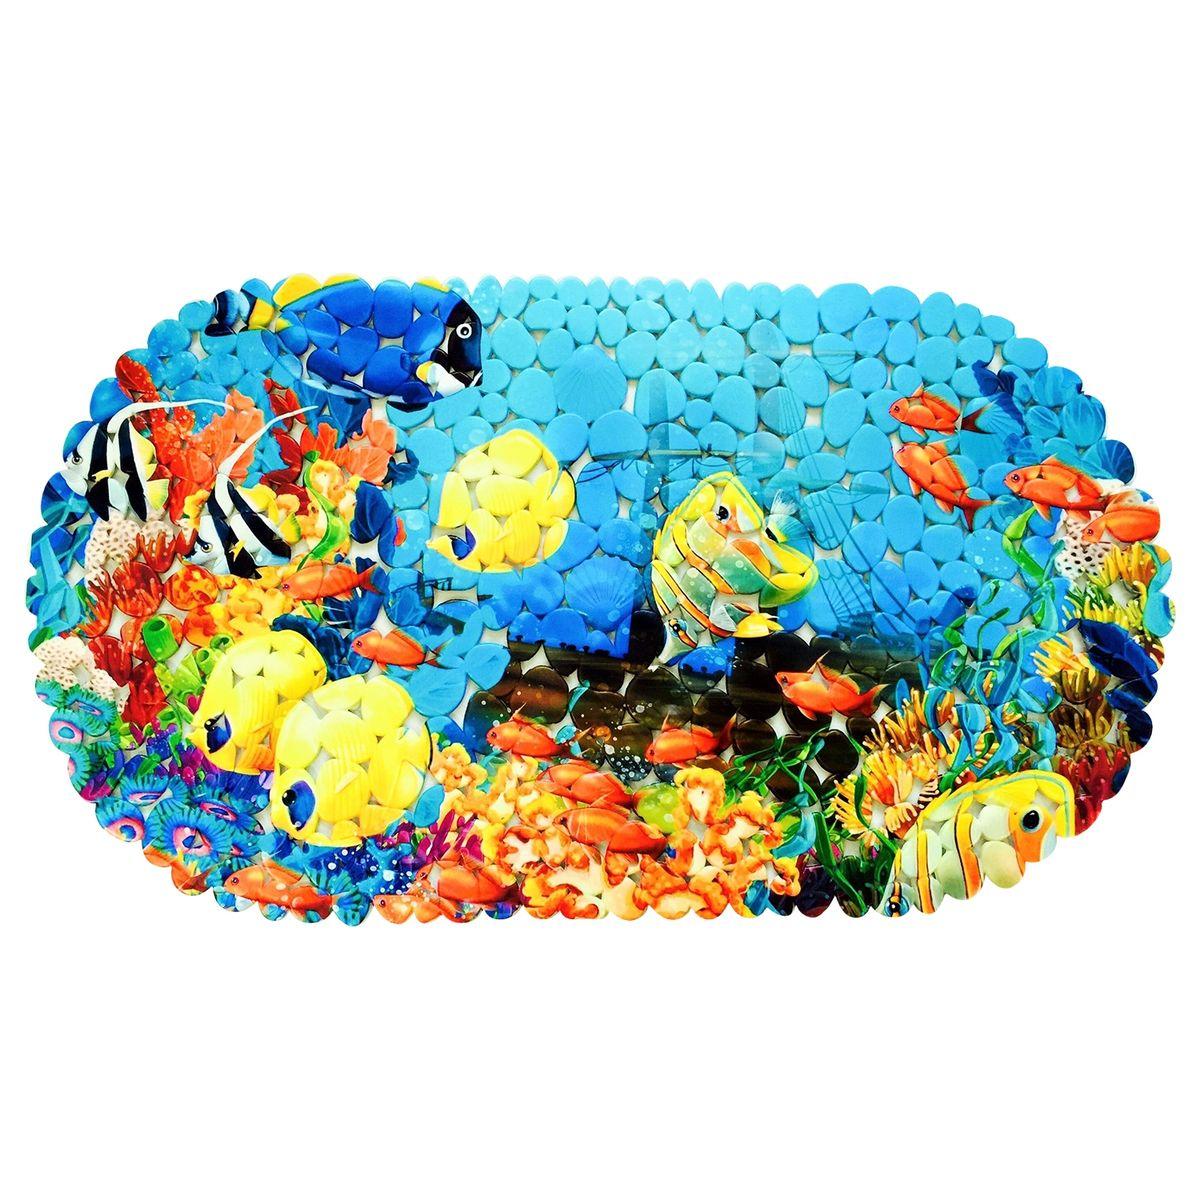 Коврик для ванной Tatkraft SPA Морское дно, противоскользящий, 69 x 39 см. 1890718907Противоскользящий коврик Tatkraft SPA Фотопринт обеспечит комфортное и безопасное купание и подойдёт как для малыша, так и для взрослого. • Нанесенная на них с помощью термопечати специальная фотопленка позволяет сделать рисунок у этих ковриков очень четким и объемным. • Присоски надежно прикрепляют коврик ко дну ванны, душевой или к полу в ванной комнате и не дают ему скользить. • Специальное рельефное покрытие препятствует скольжению ног по коврику.